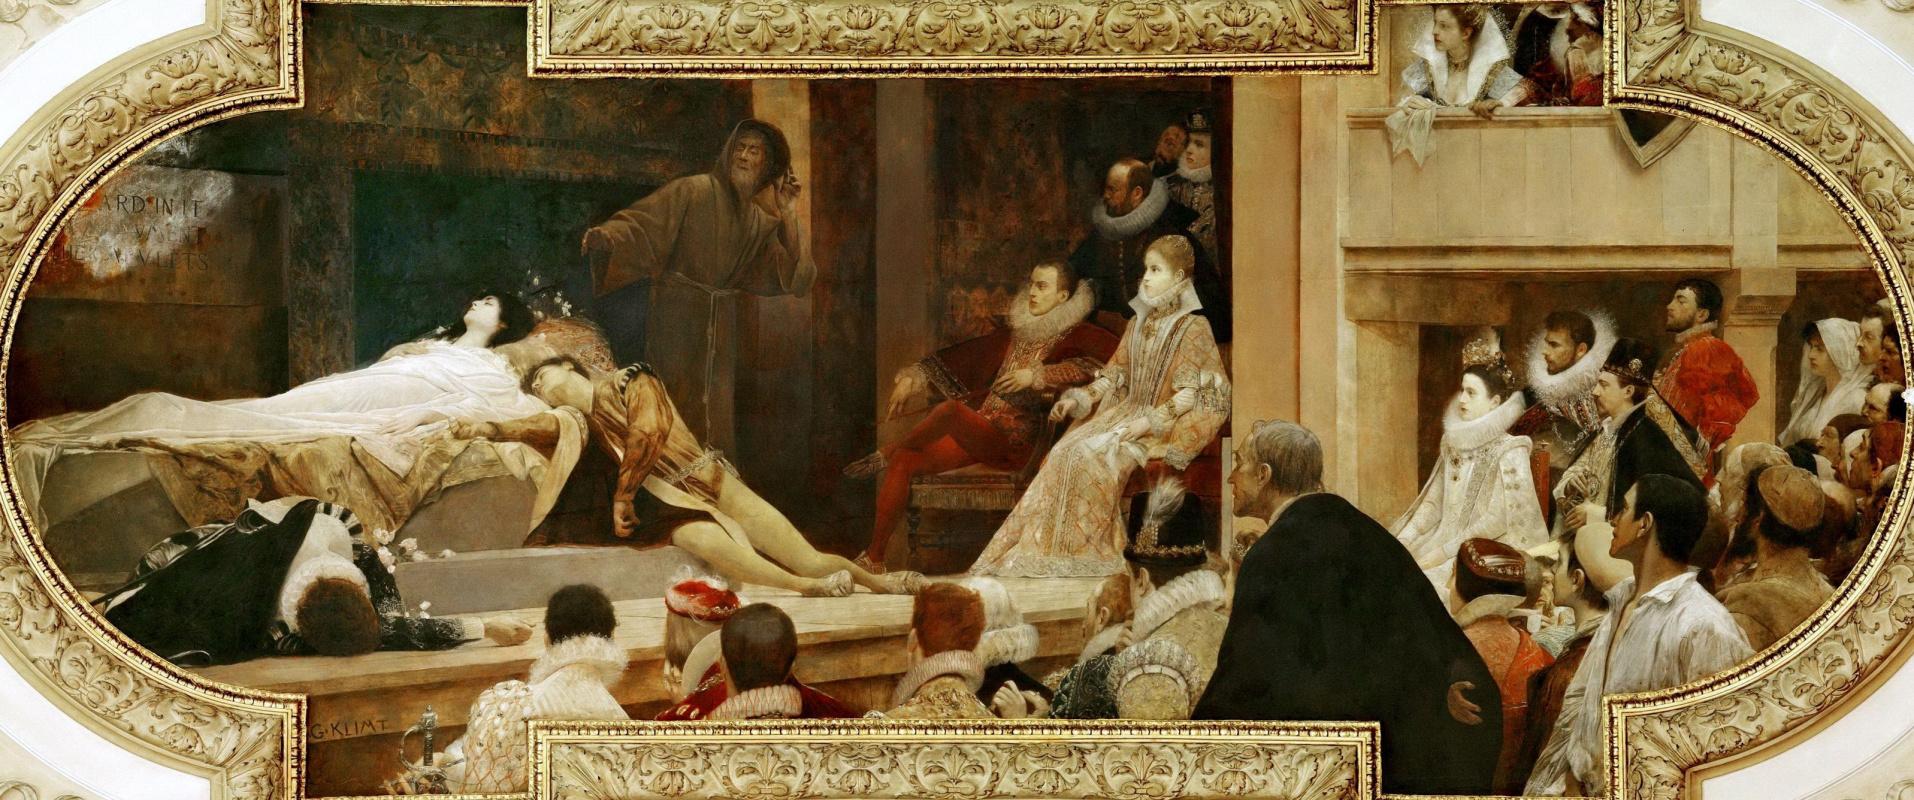 Густав Климт. Театр Шекспира (Роспись потолка Бургтеатра в Вене)